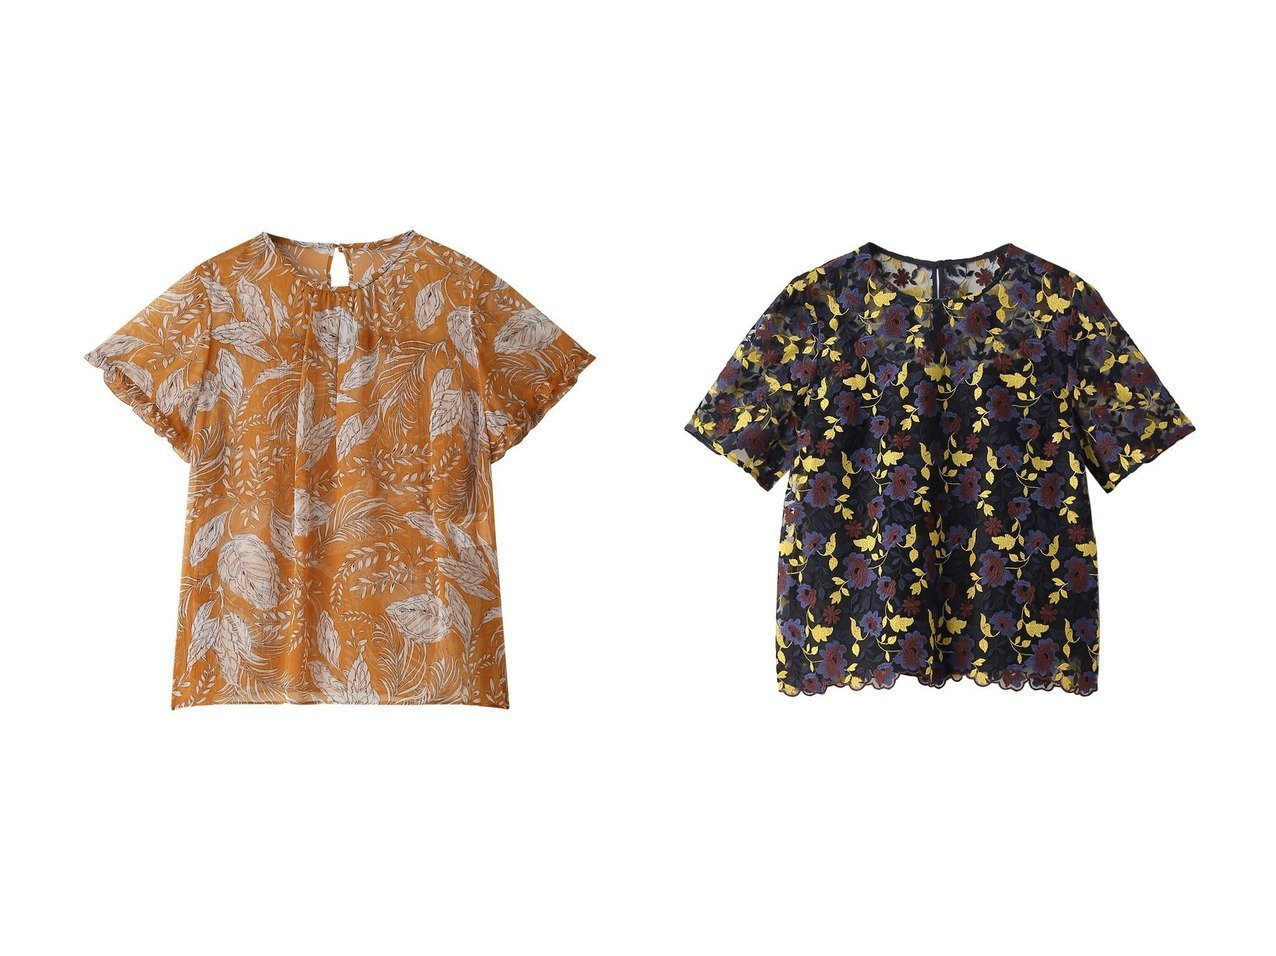 【ANAYI/アナイ】のチュールツートンフラワークルーブラウス&クレープリーフPTギャザー ブラウス トップス・カットソーのおすすめ!人気、トレンド・レディースファッションの通販 おすすめで人気の流行・トレンド、ファッションの通販商品 メンズファッション・キッズファッション・インテリア・家具・レディースファッション・服の通販 founy(ファニー) https://founy.com/ ファッション Fashion レディースファッション WOMEN トップス Tops Tshirt シャツ/ブラウス Shirts Blouses インナー ギャザー コンパクト ショート スリーブ フリル ヨーク リーフ 再入荷 Restock/Back in Stock/Re Arrival |ID:crp329100000013110